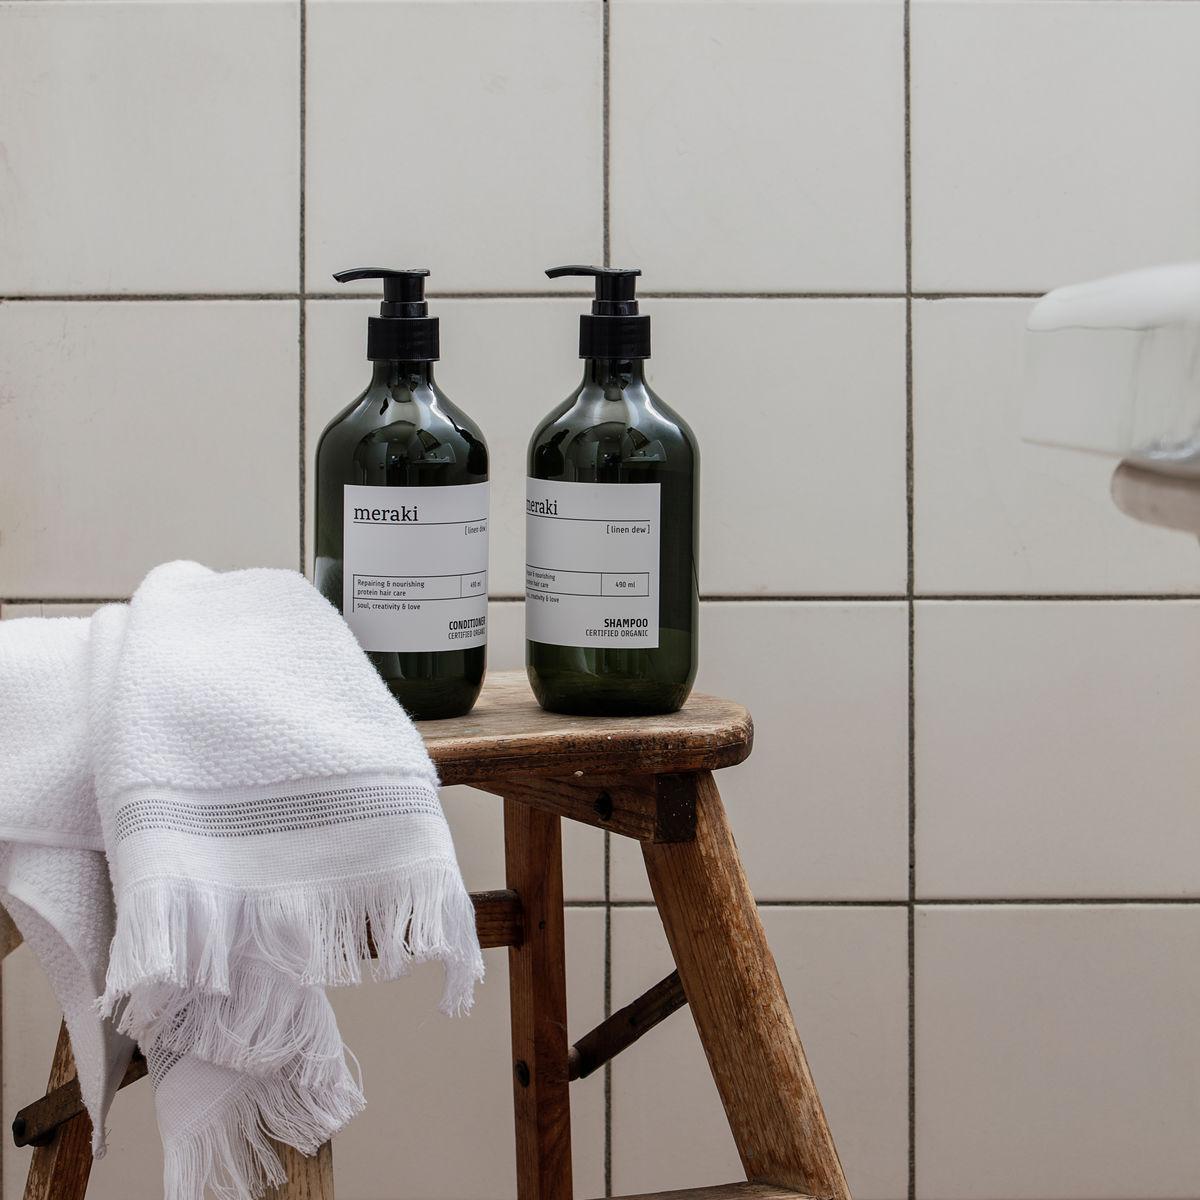 Meraki - Shampoo og balsam - Linnen dew